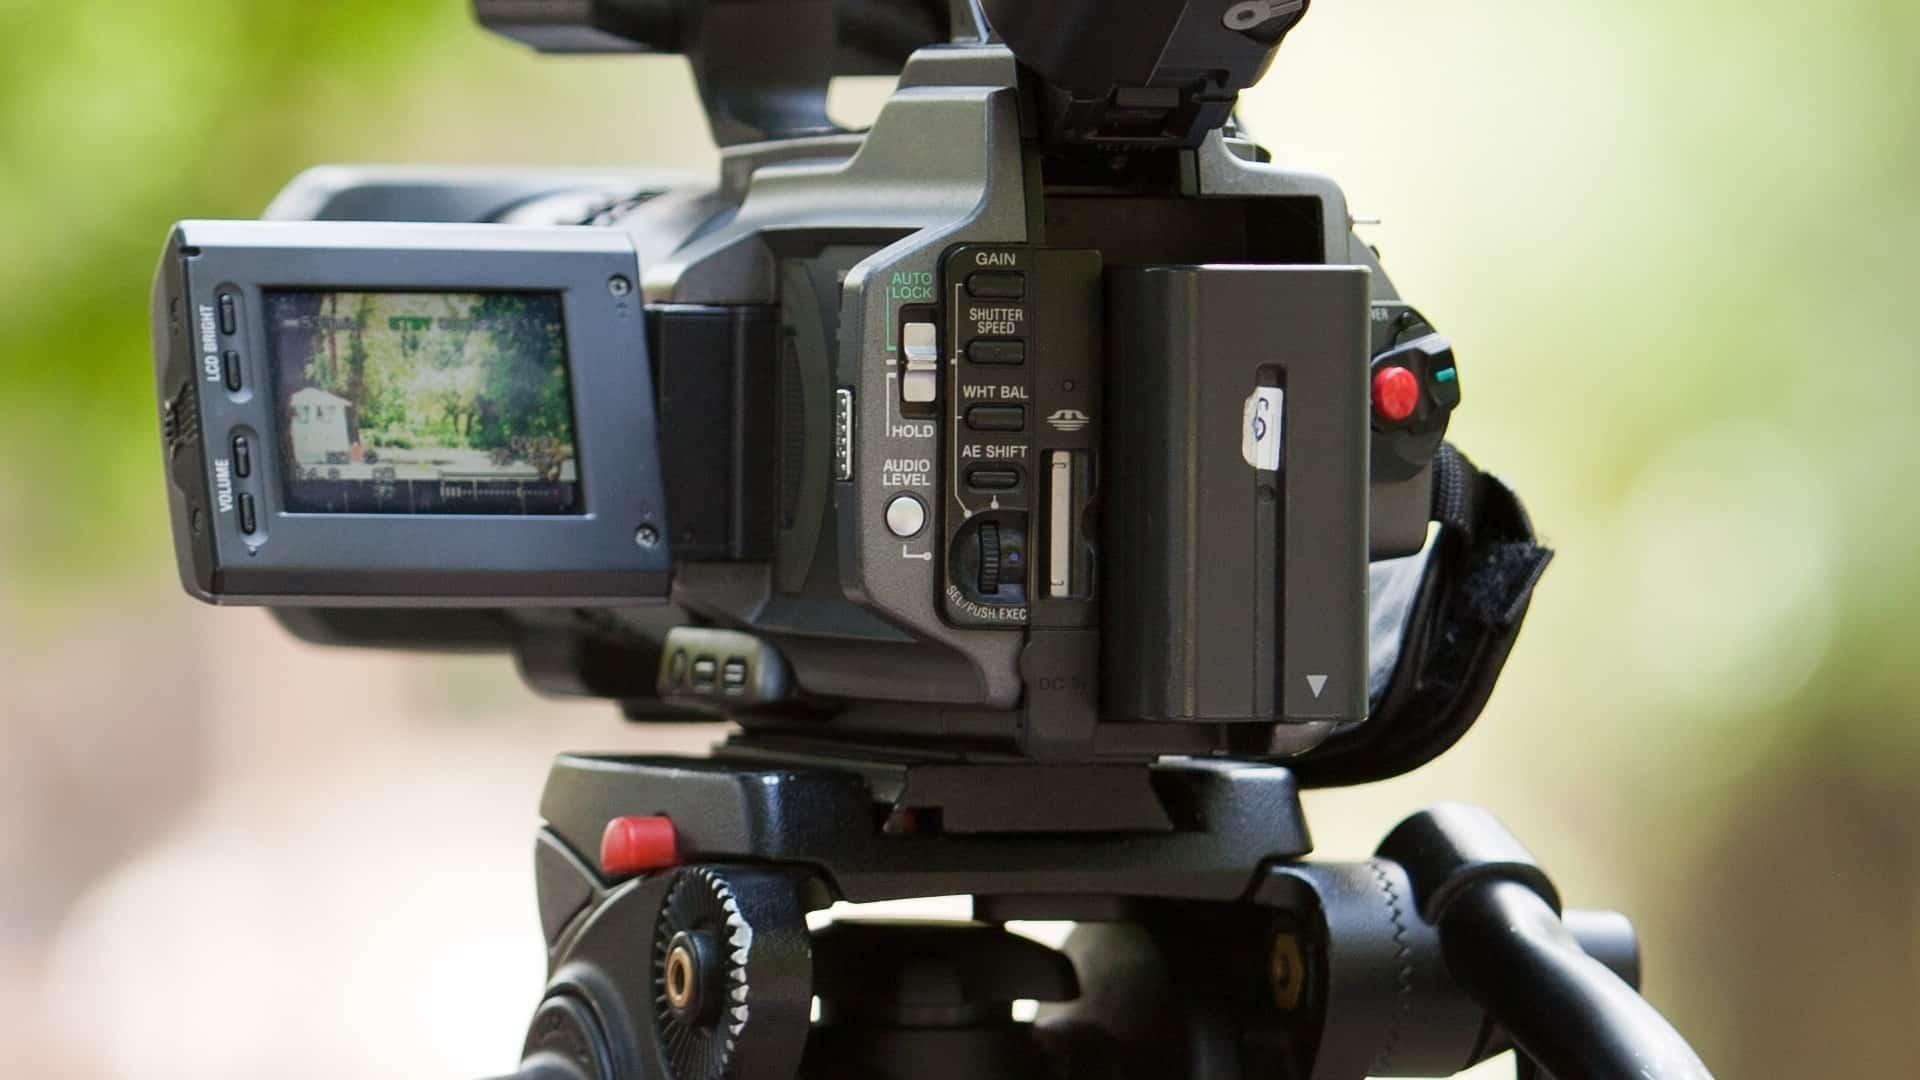 Miglior videocamera 2021: Guida all'acquisto